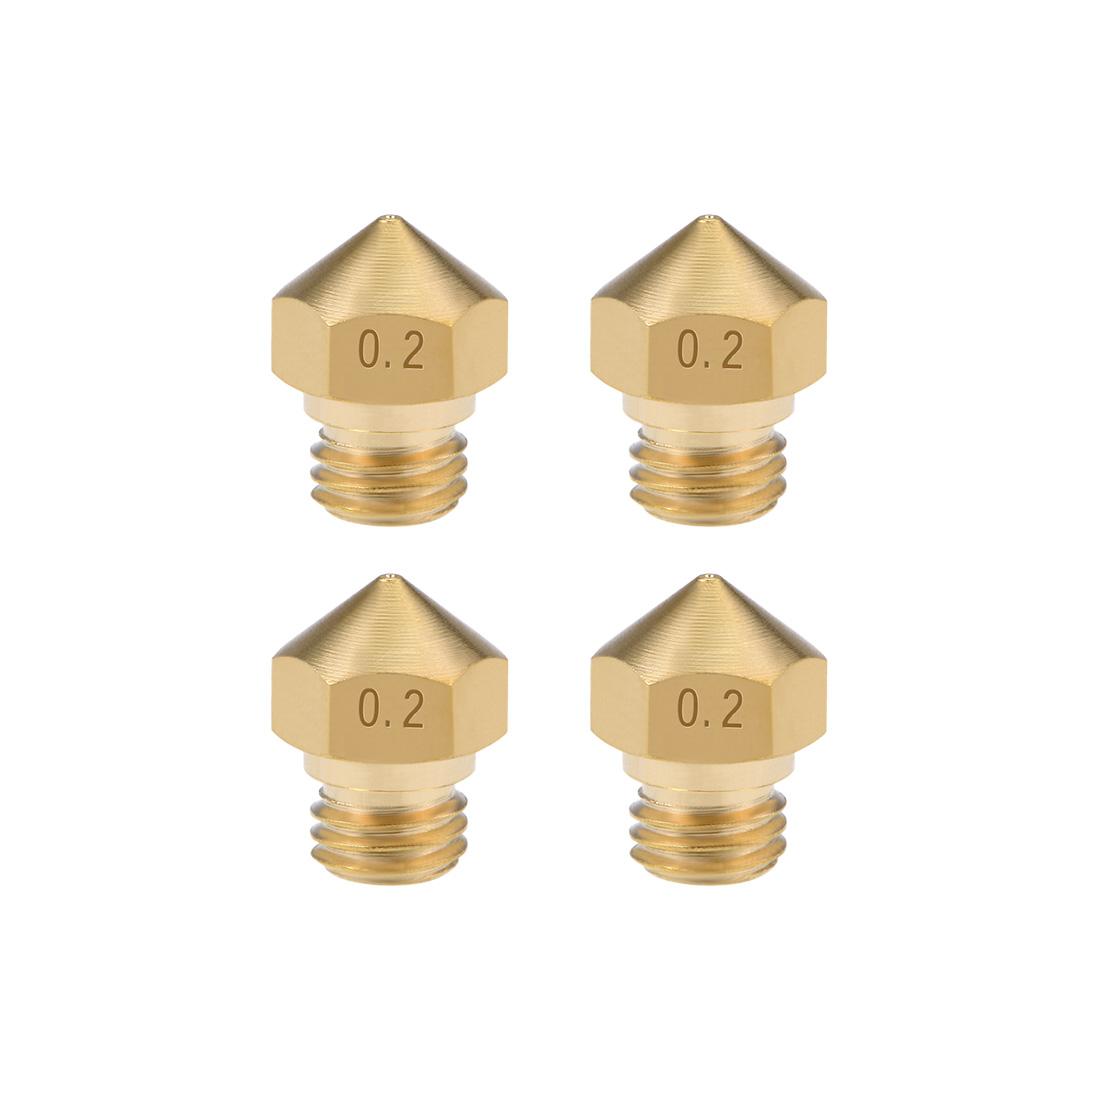 0.2mm 3D Printer Nozzle Head M7 Thread for MK10 1.75mm Extruder Print 4pcs